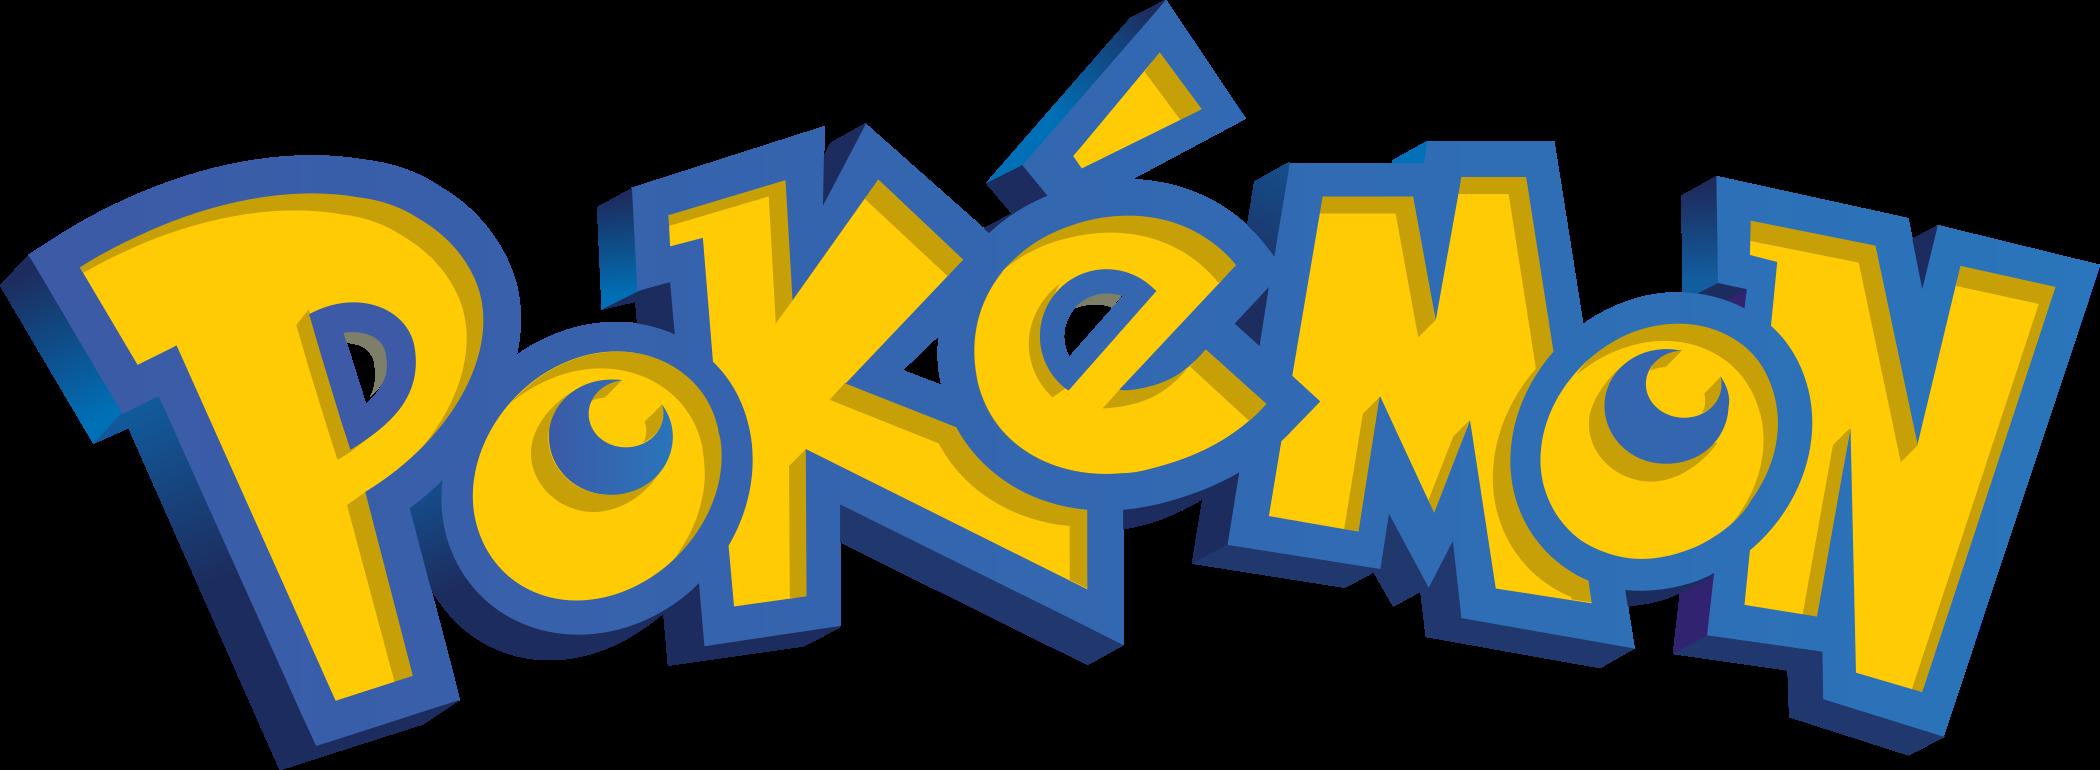 pokemon logo 1 - Pokémon Logo